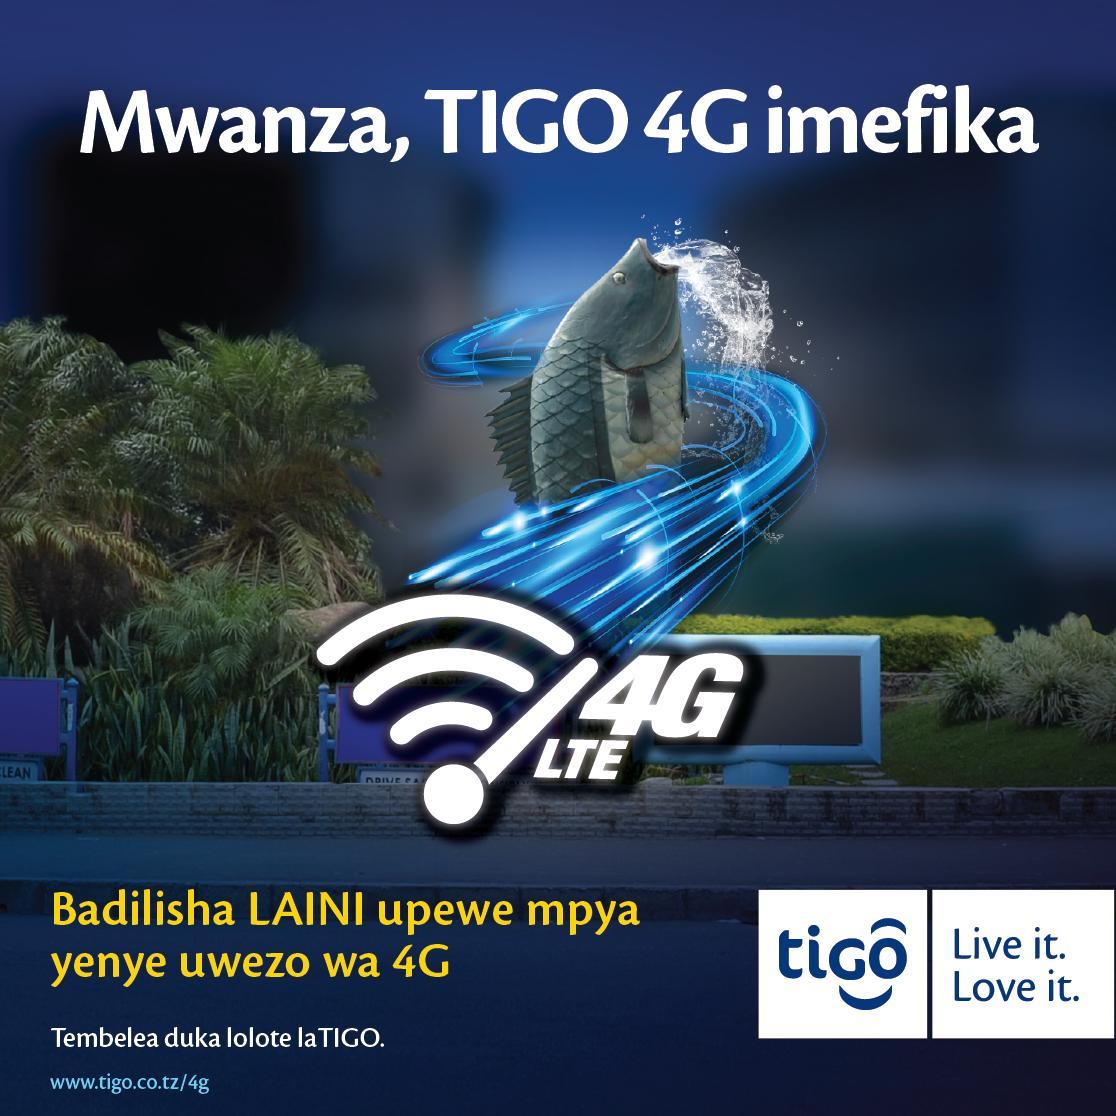 Badilisha laini upewe mpya yenye uwezo wa 4G! Mwanza Tigo 4G imefika! https://t.co/IRLmSWzYEK